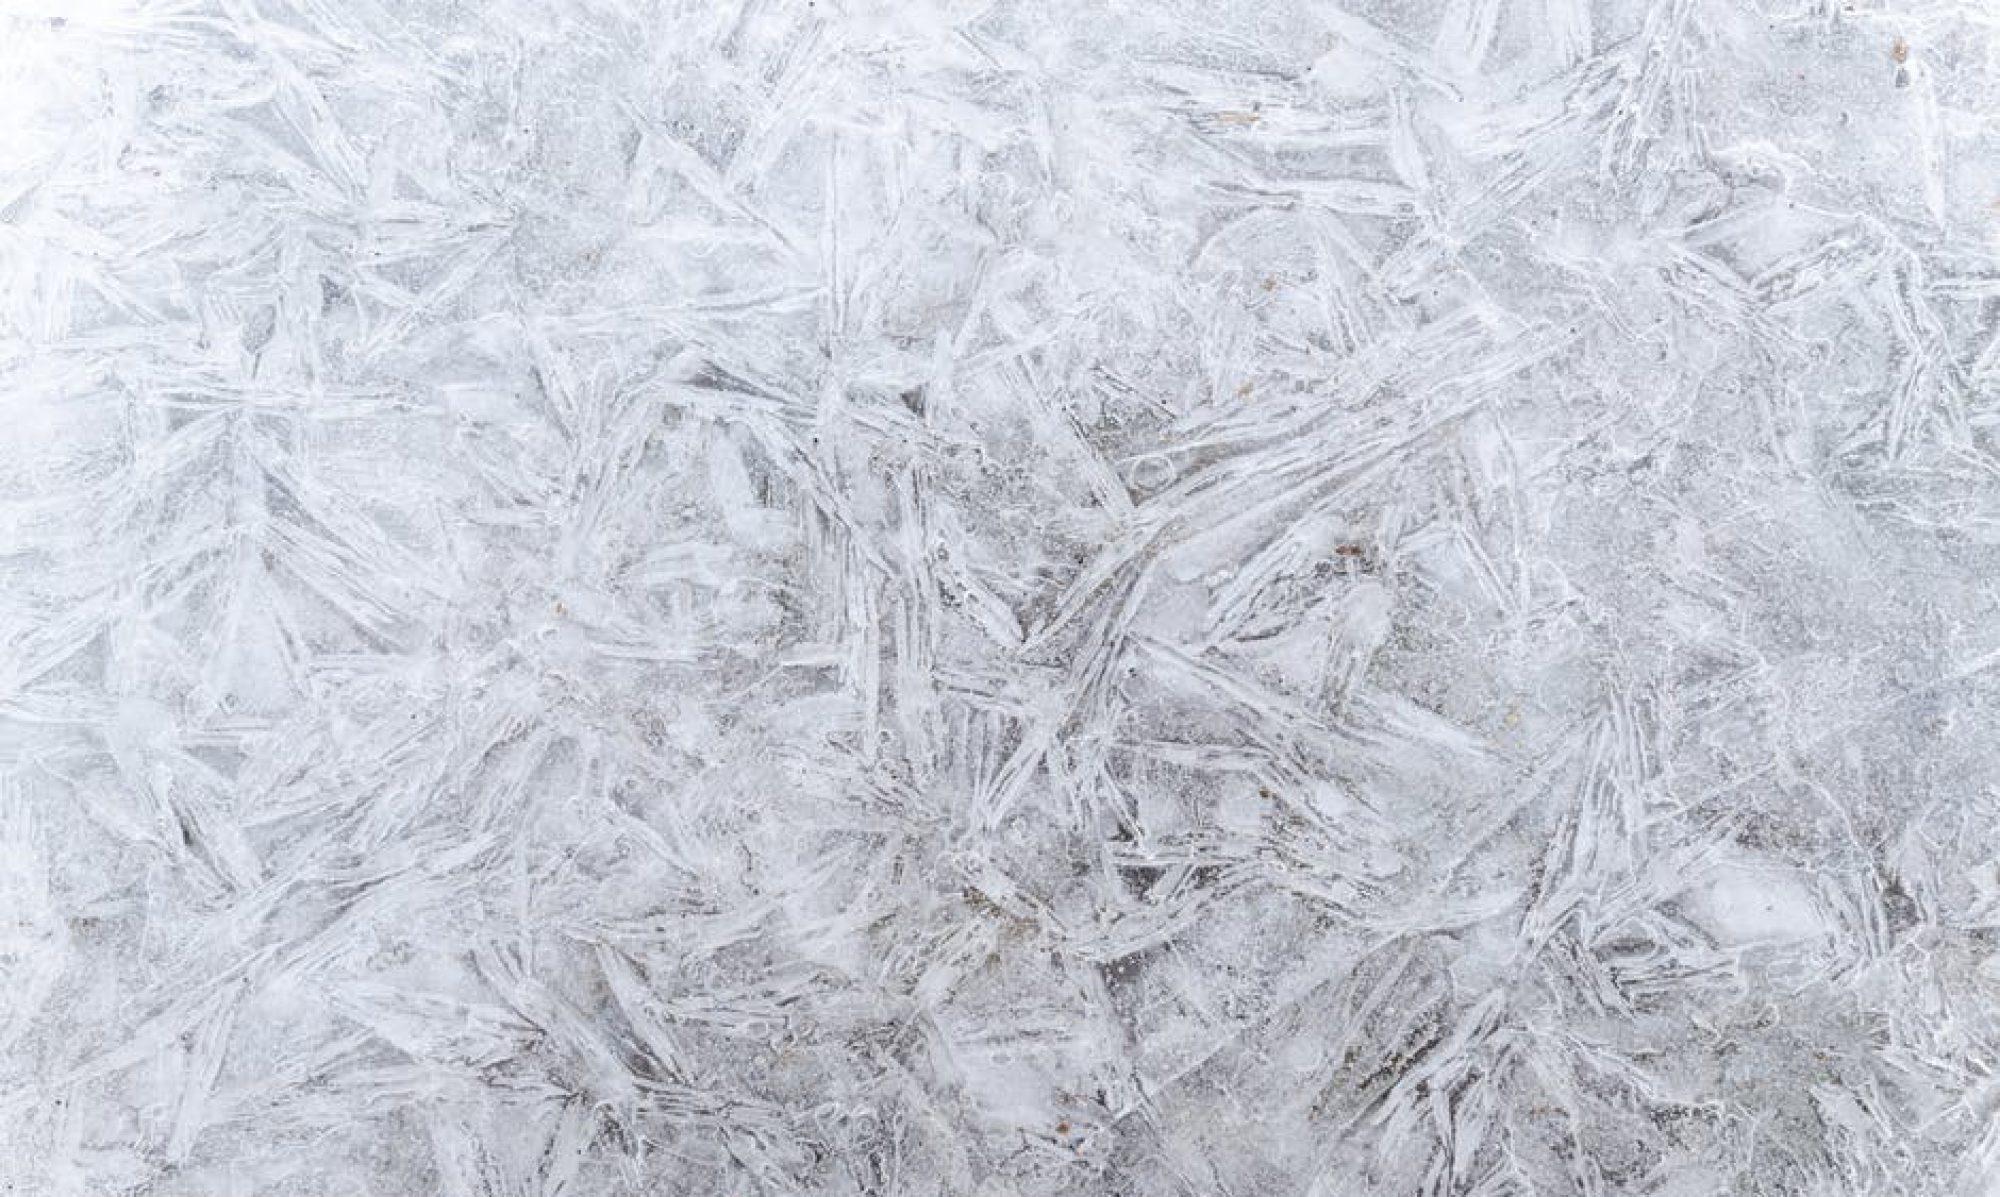 Dehm Kälte und Kältetechnik